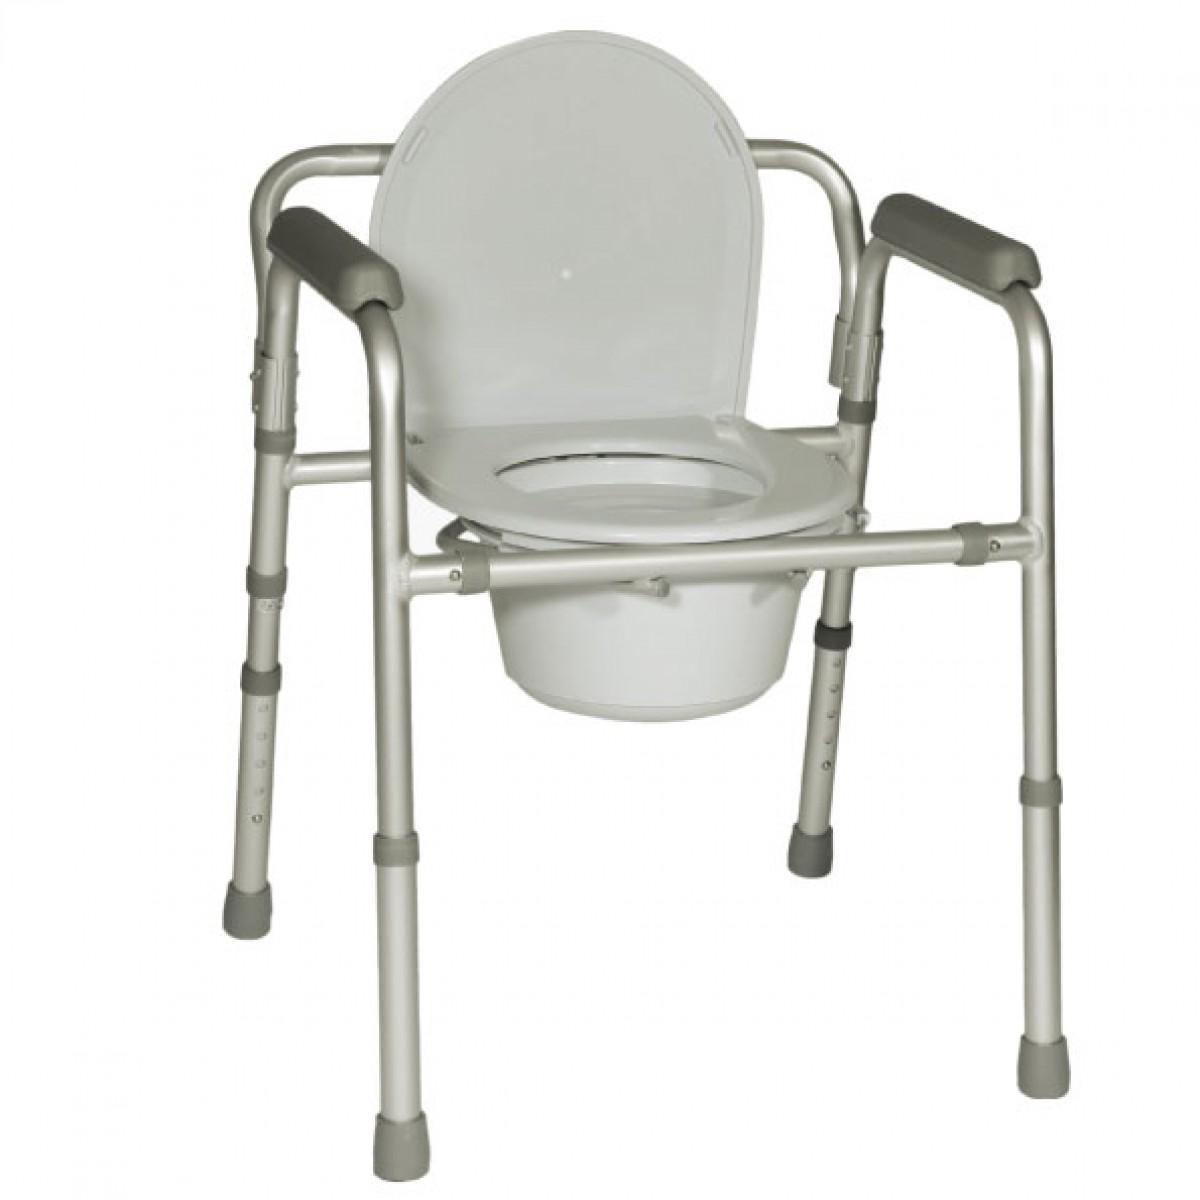 Comoda smontabile pieghevole bagno e doccia prodotti prodotti ortopedici e sanitari - Rialzo per bagno ...